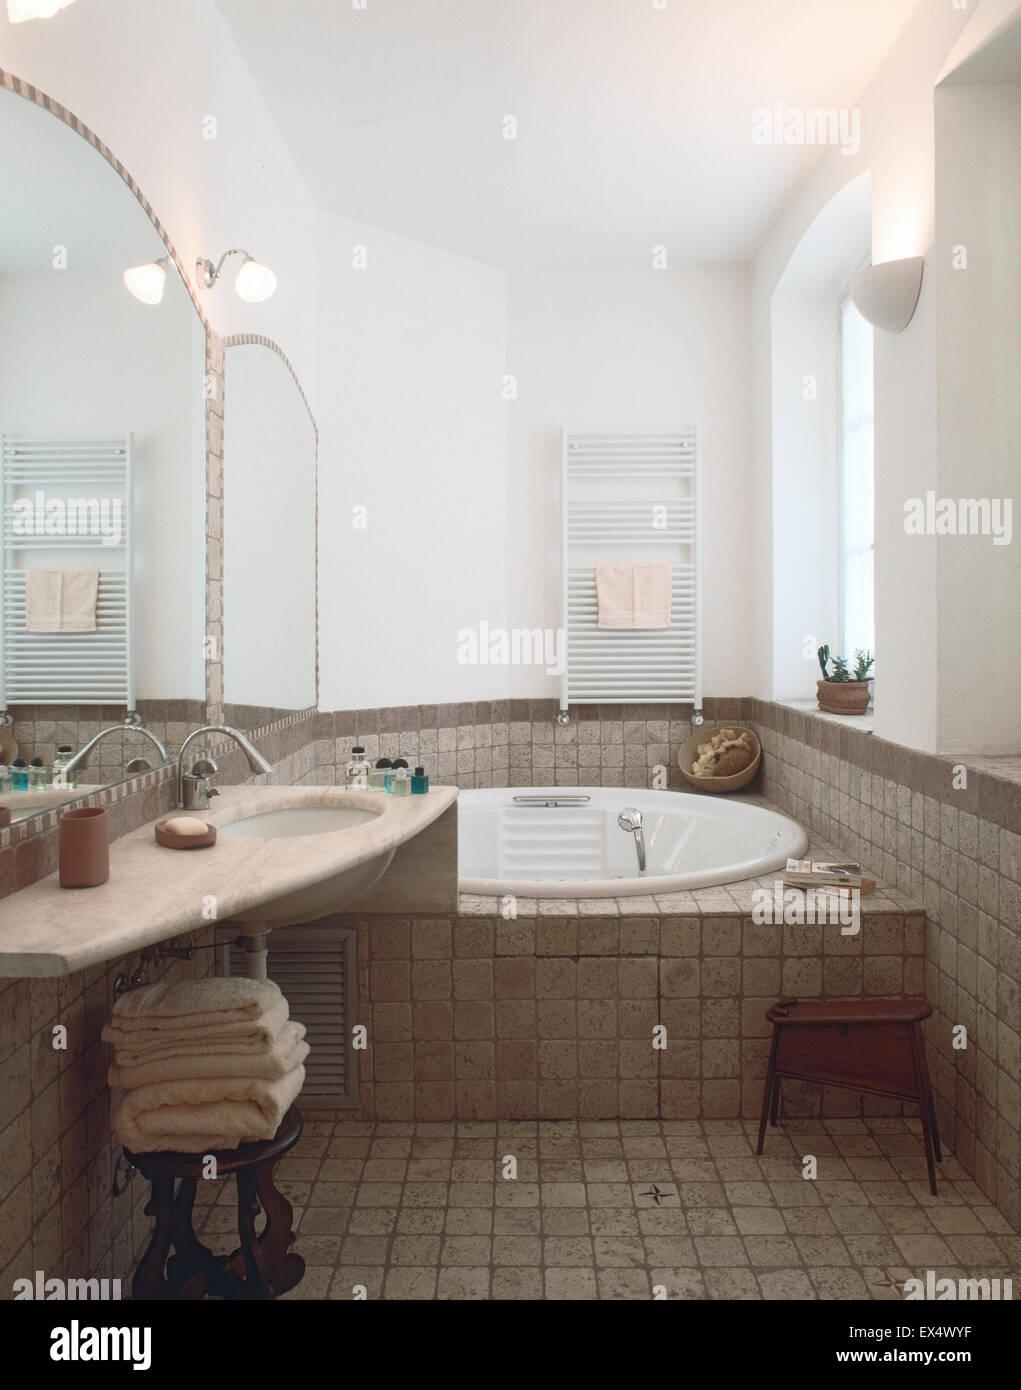 Vue de l'intérieur de salle de bains classique avec un sol carrelé donnant sur baignoire Photo Stock